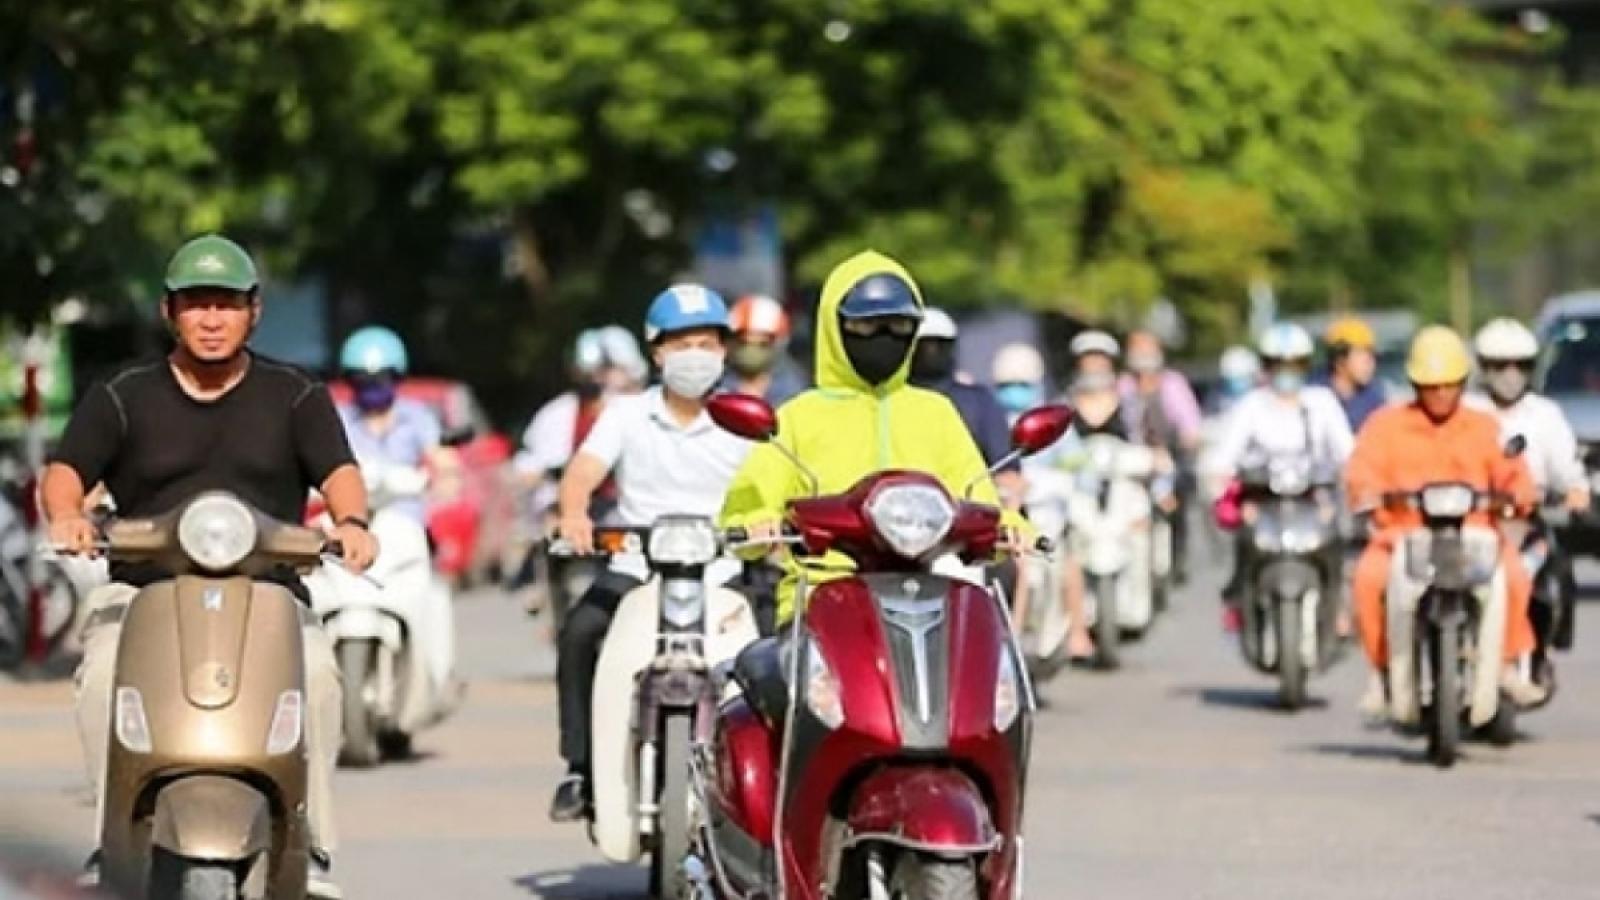 Thời tiết hôm nay 3/6: Hà Nội tiếp tục nắng nóng gay gắt trước khi có mưa dông